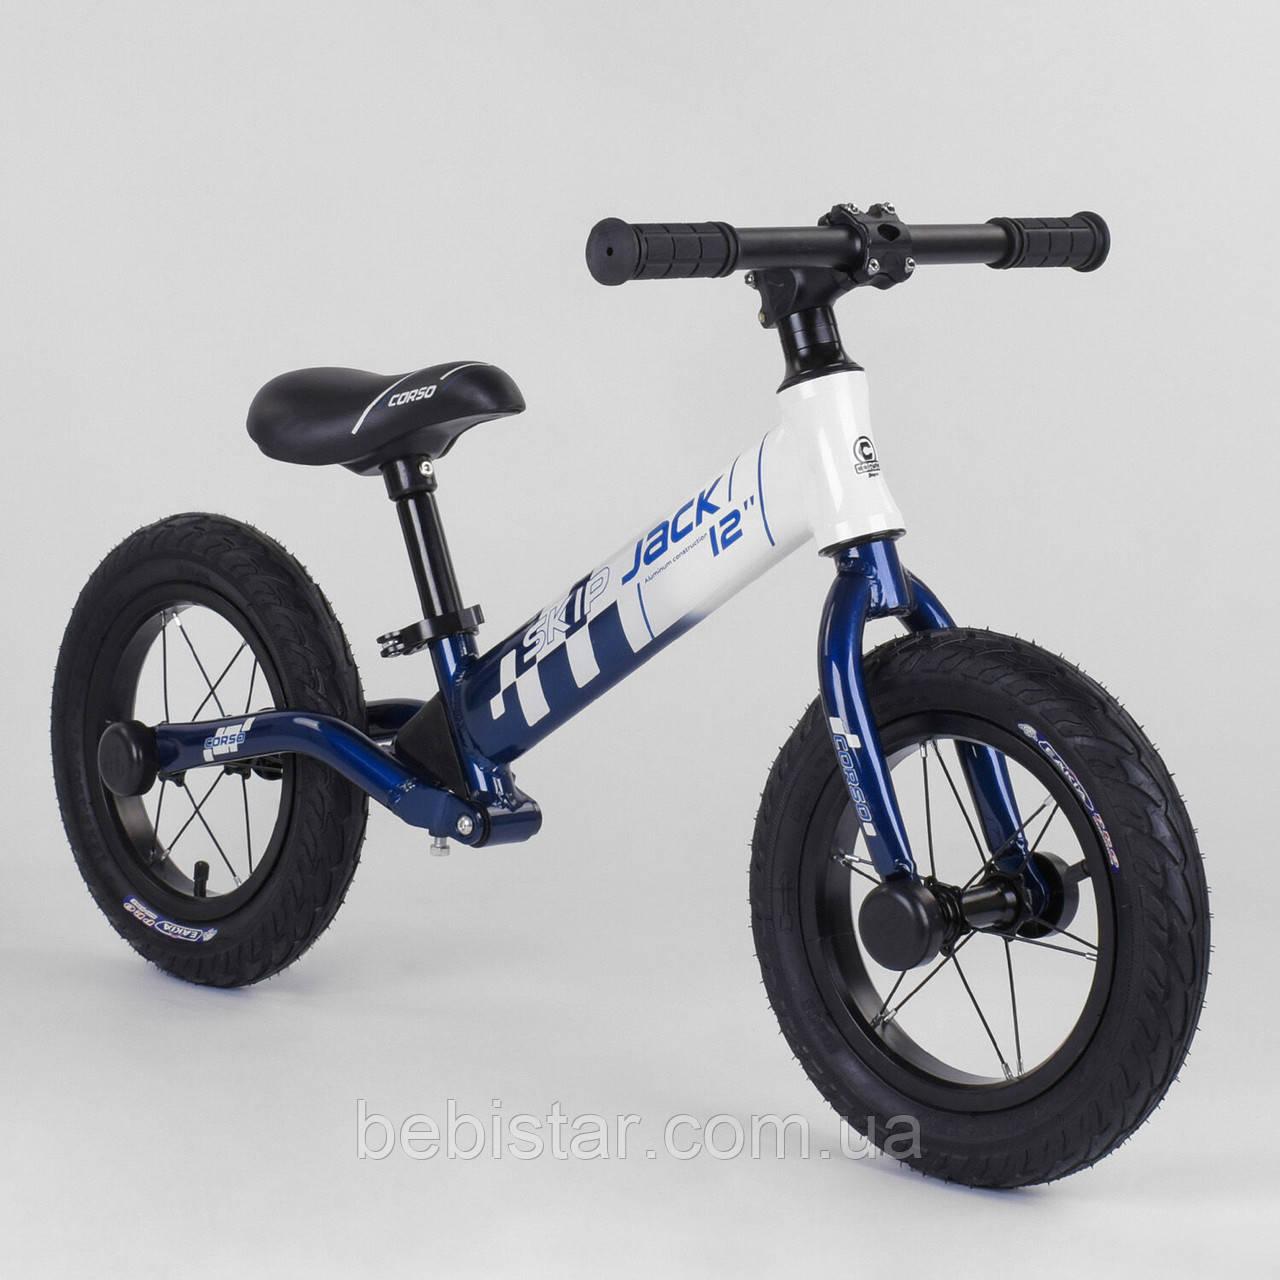 """Беговел сине-белый Corso """"Skip Jack"""" алюминиевая рама с амортизатором надувные колеса для детей 2-6 лет"""